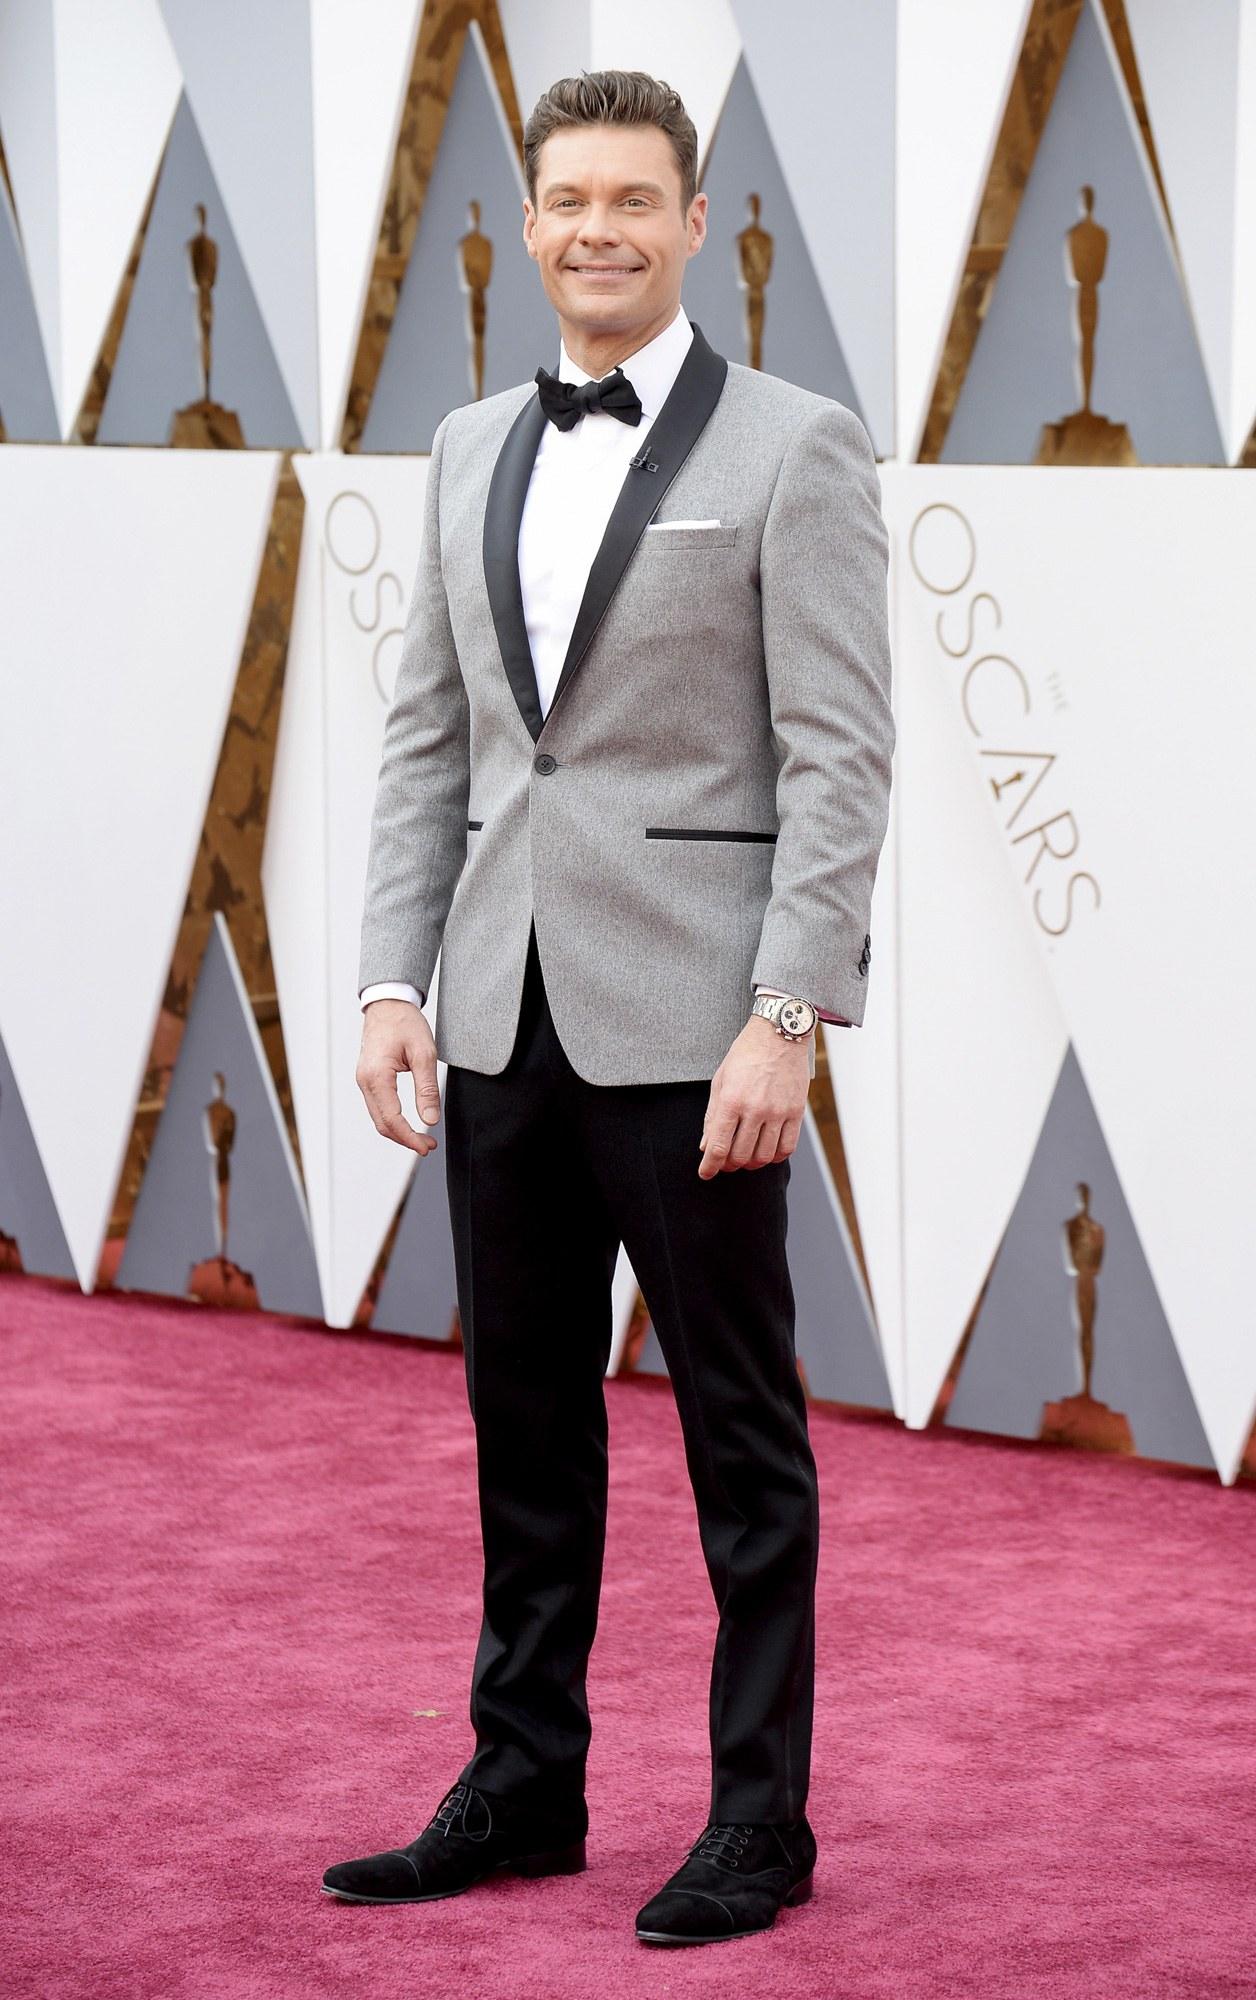 oscars-best-dressed-men-gq-Ryan-Seacrest